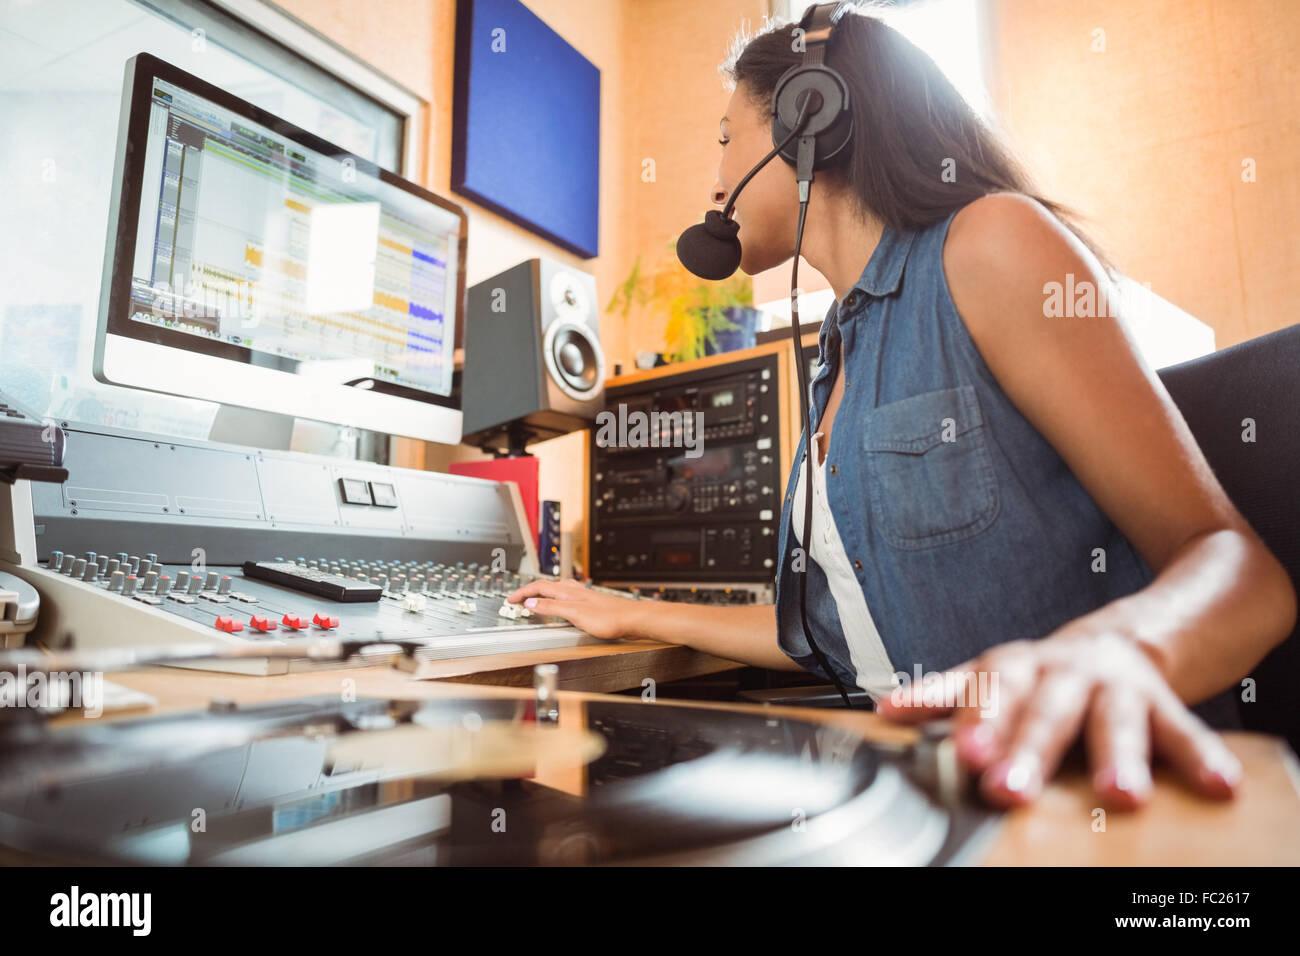 Ritratto di una studentessa universitaria audio di miscelazione Immagini Stock